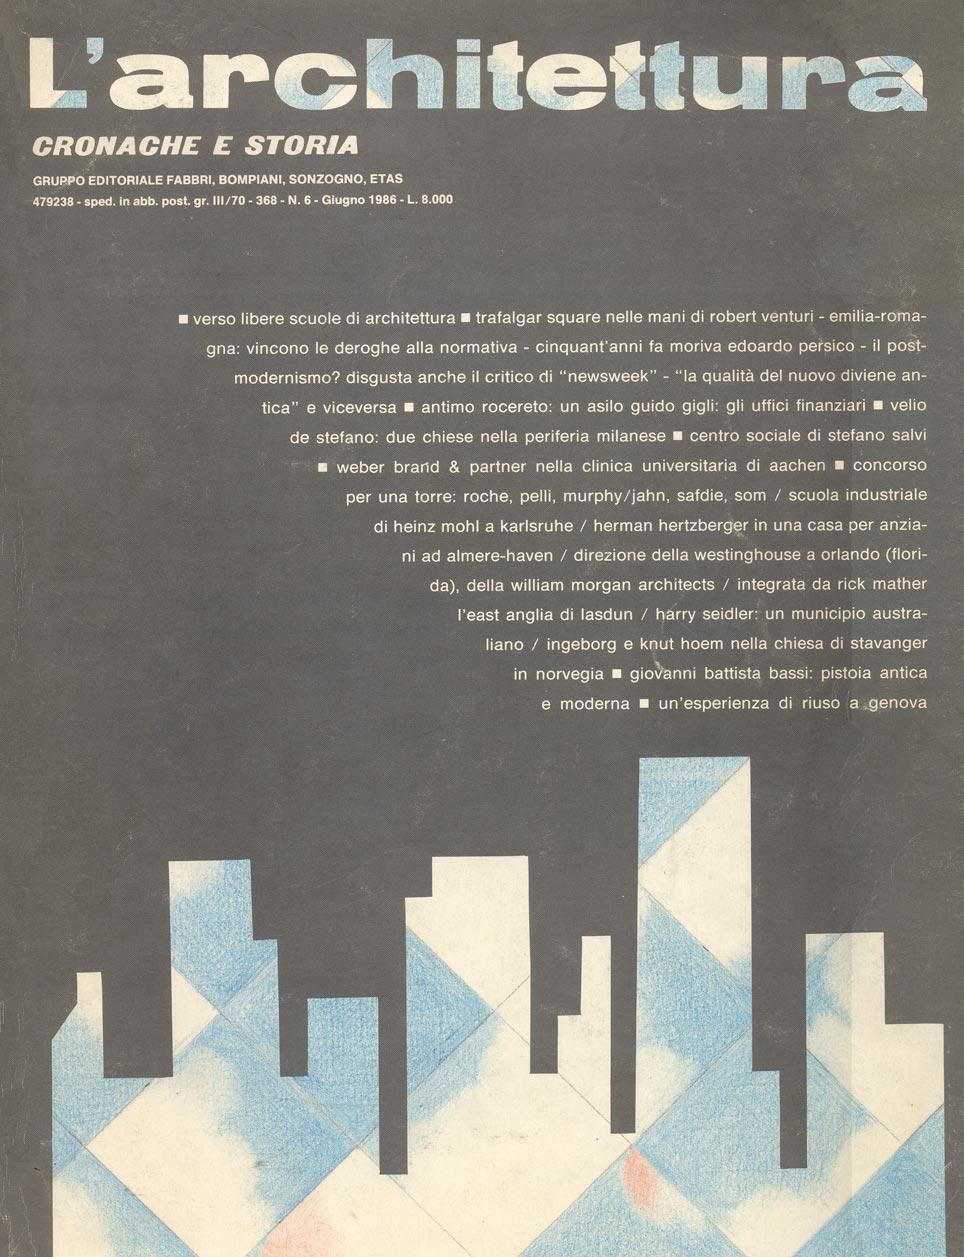 """""""Centro culturale Carlo Levi a Genzano di Roma"""", L'Architettura, Cronaca e Storia, n. 6 (giugno 1986)."""